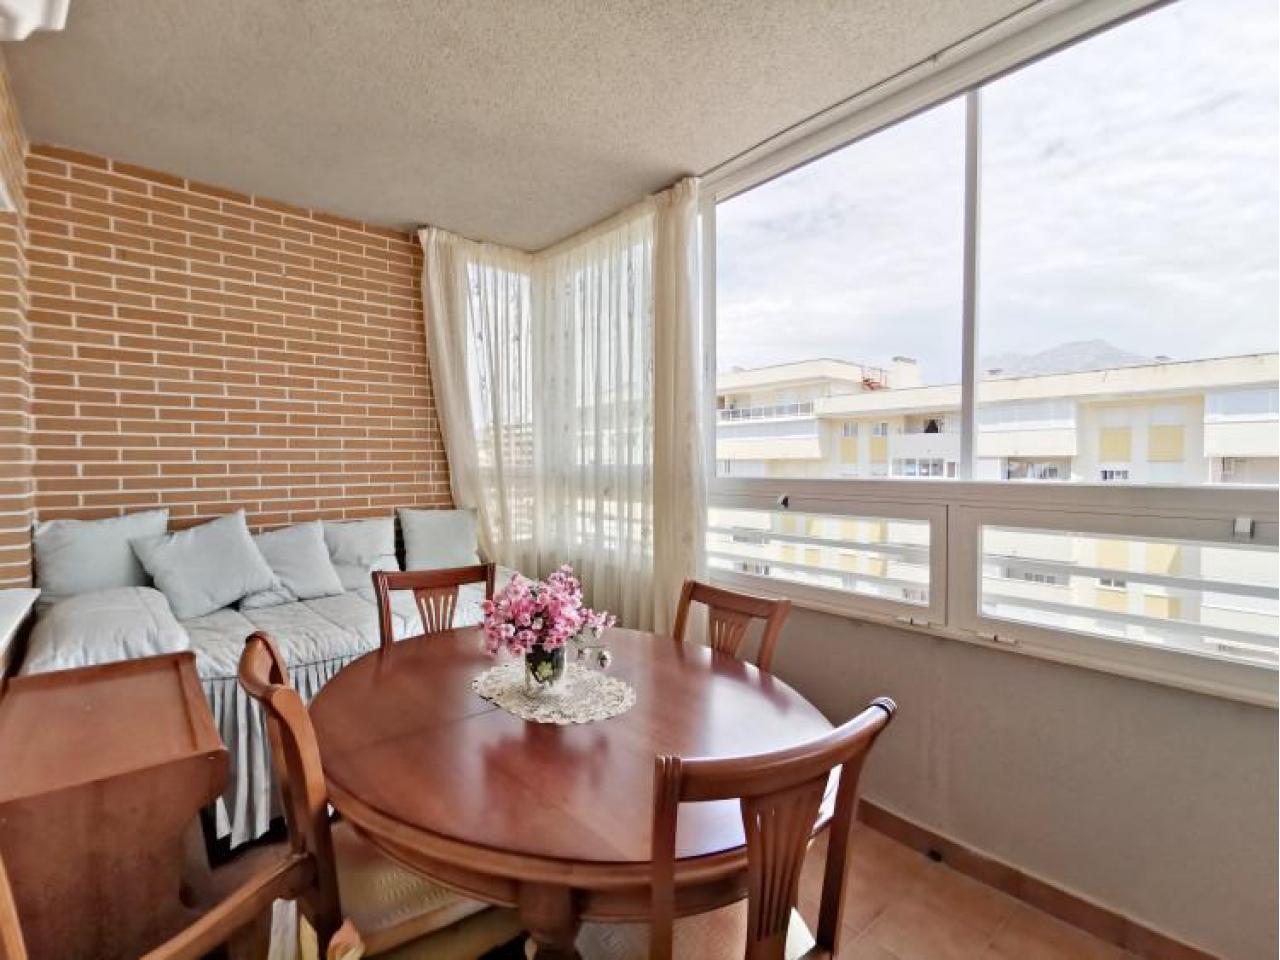 Прекрасная квартира возле моря в Бенидорме, Испания - 3